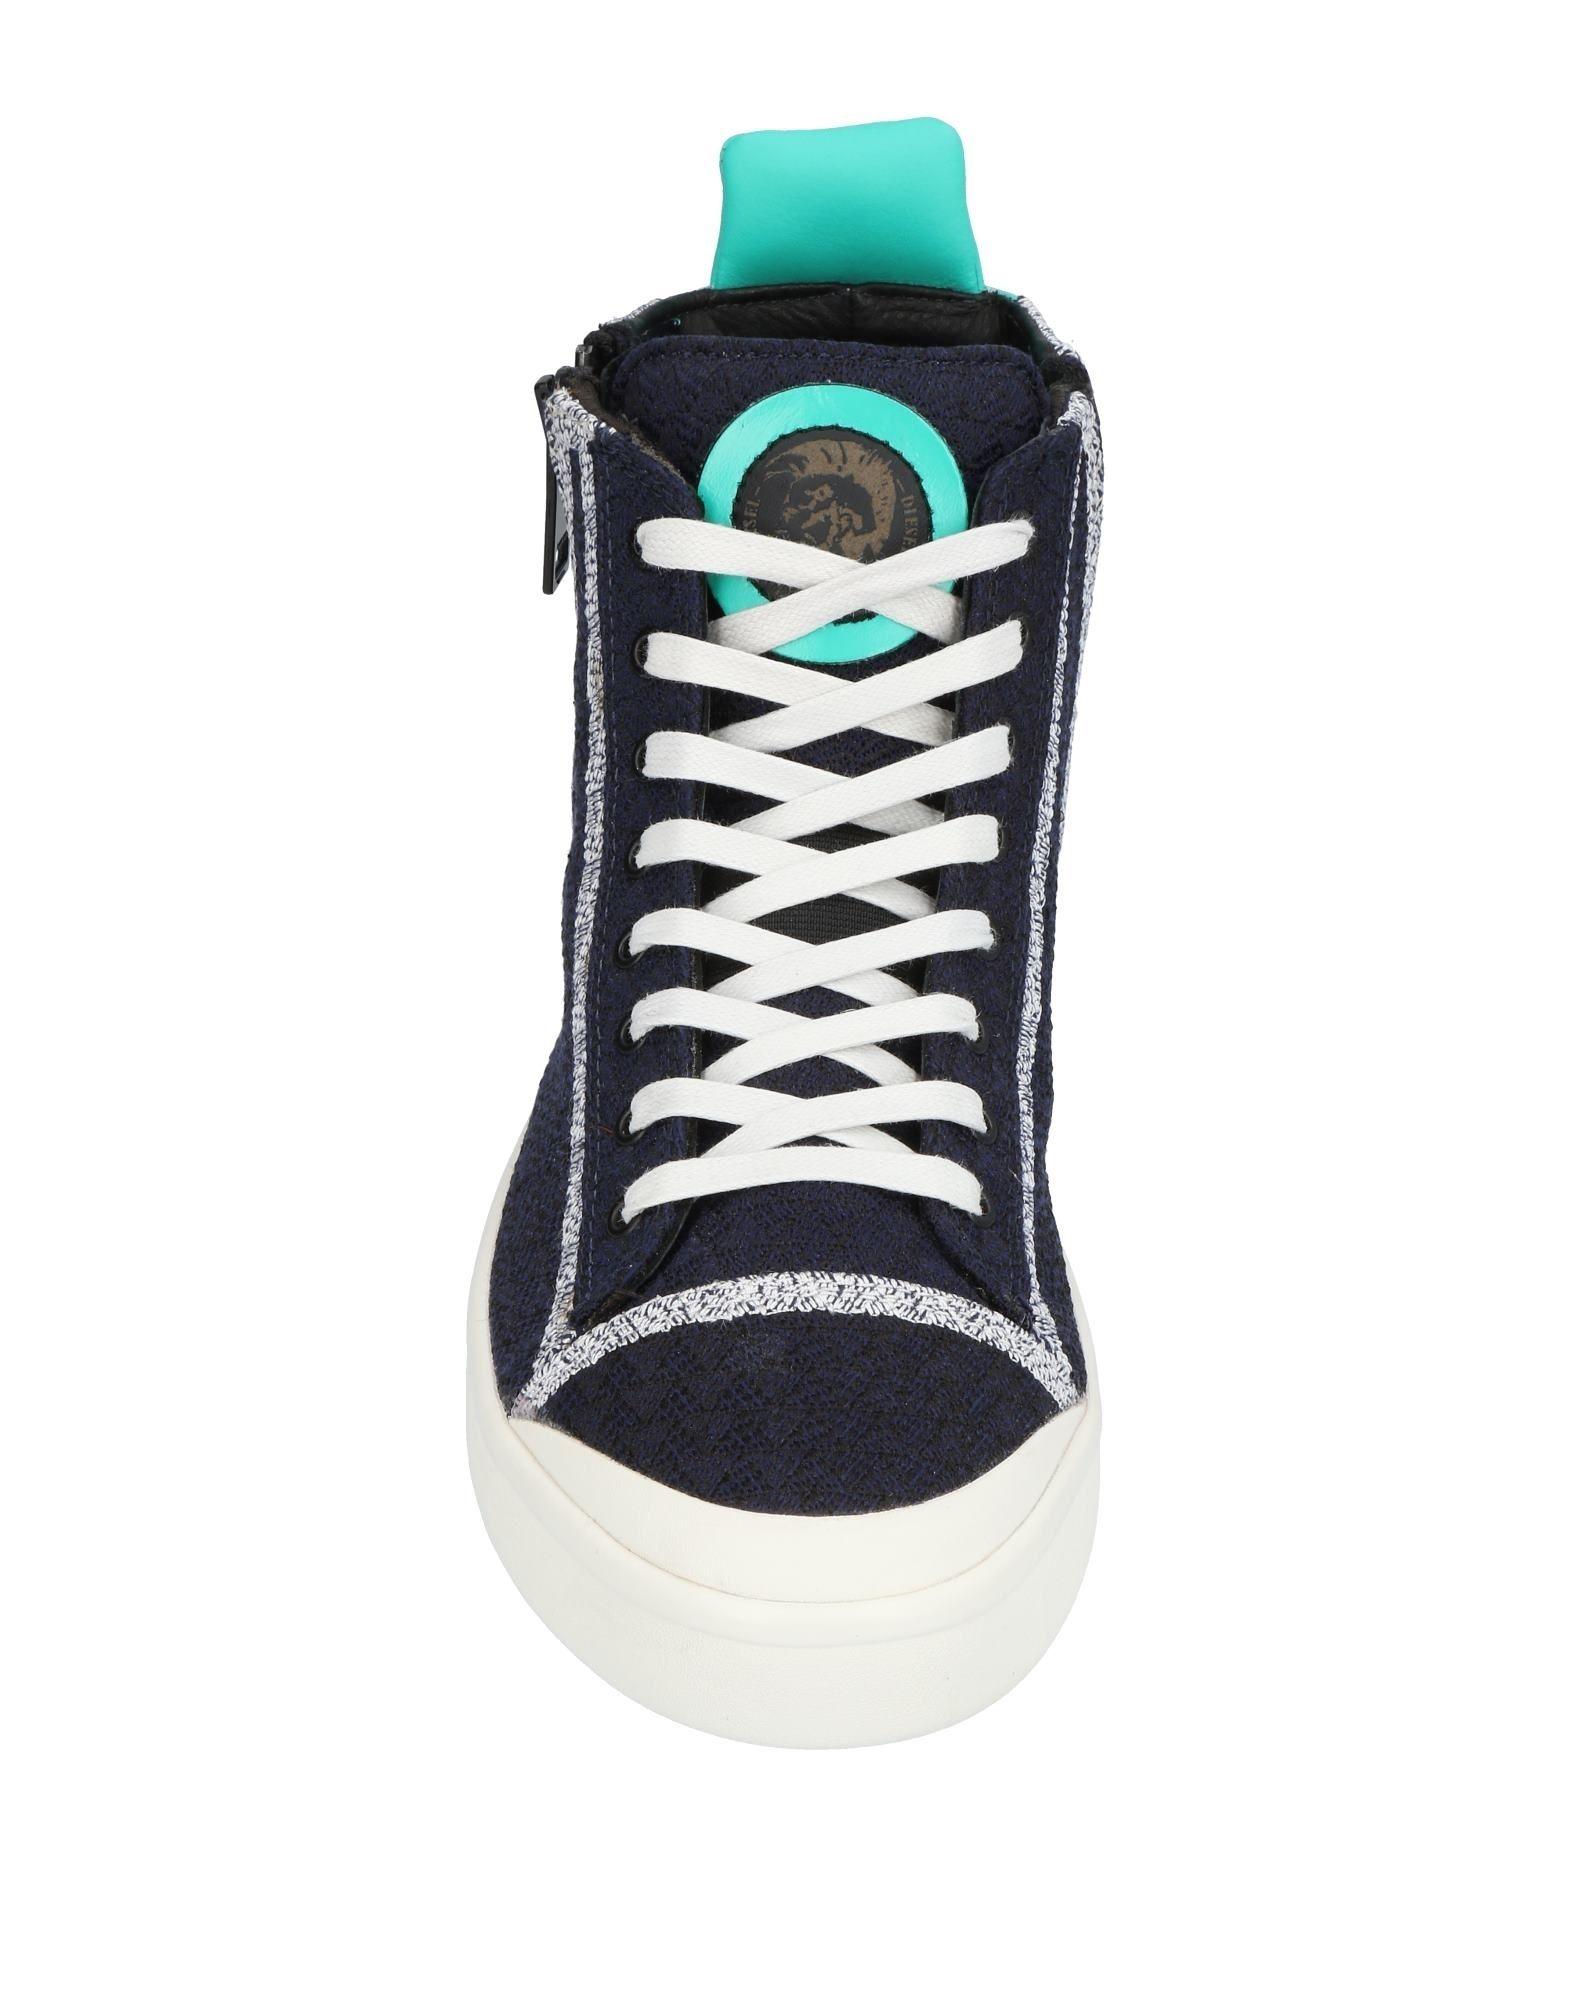 11414769DE Diesel Sneakers Herren  11414769DE  Heiße Schuhe bf6577